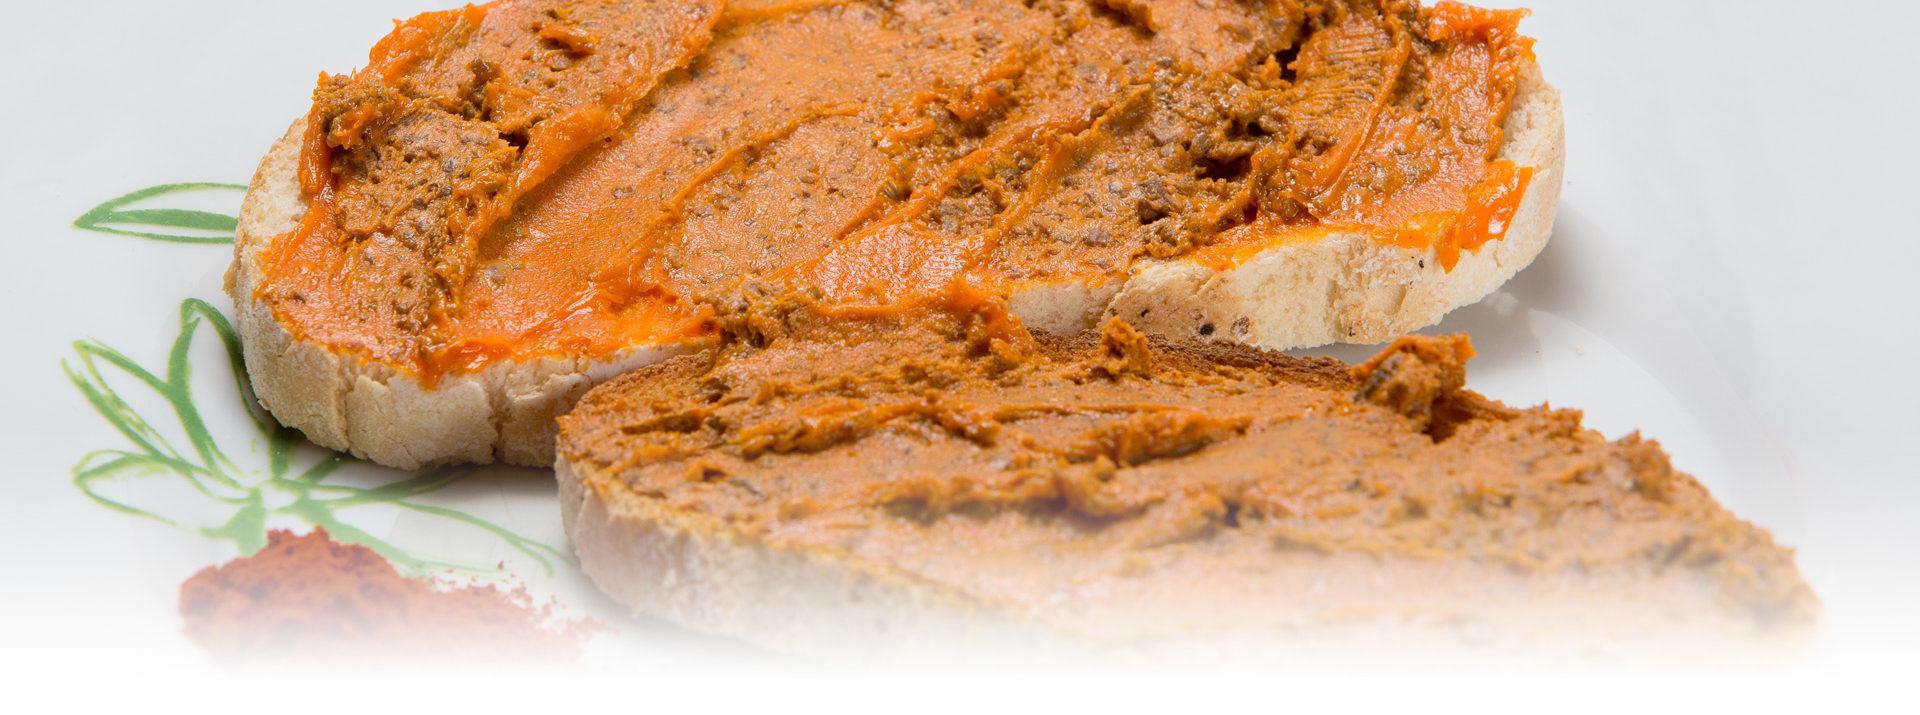 Preparamos a melhor receita de Cachuela Extremeña. Tente !!!